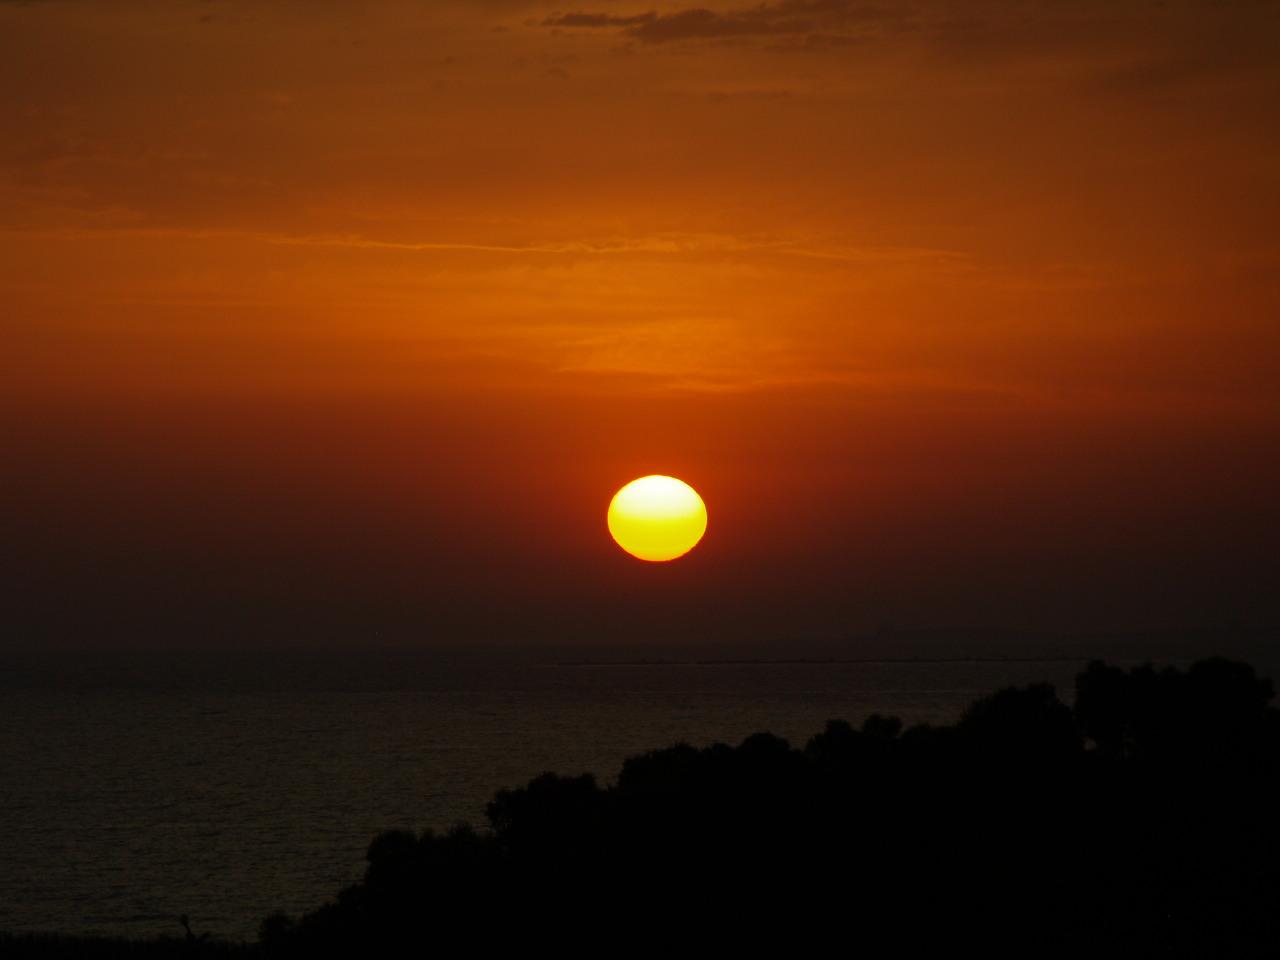 Foto playa Los Tusales. AMANECER EN EL PARQUE ALFONSO XIII GUARDAMAR DEL SEGURA,,Foto selecionada por canal 9 Valencia,Para el Orage,,,,Contest de Julio,,,,